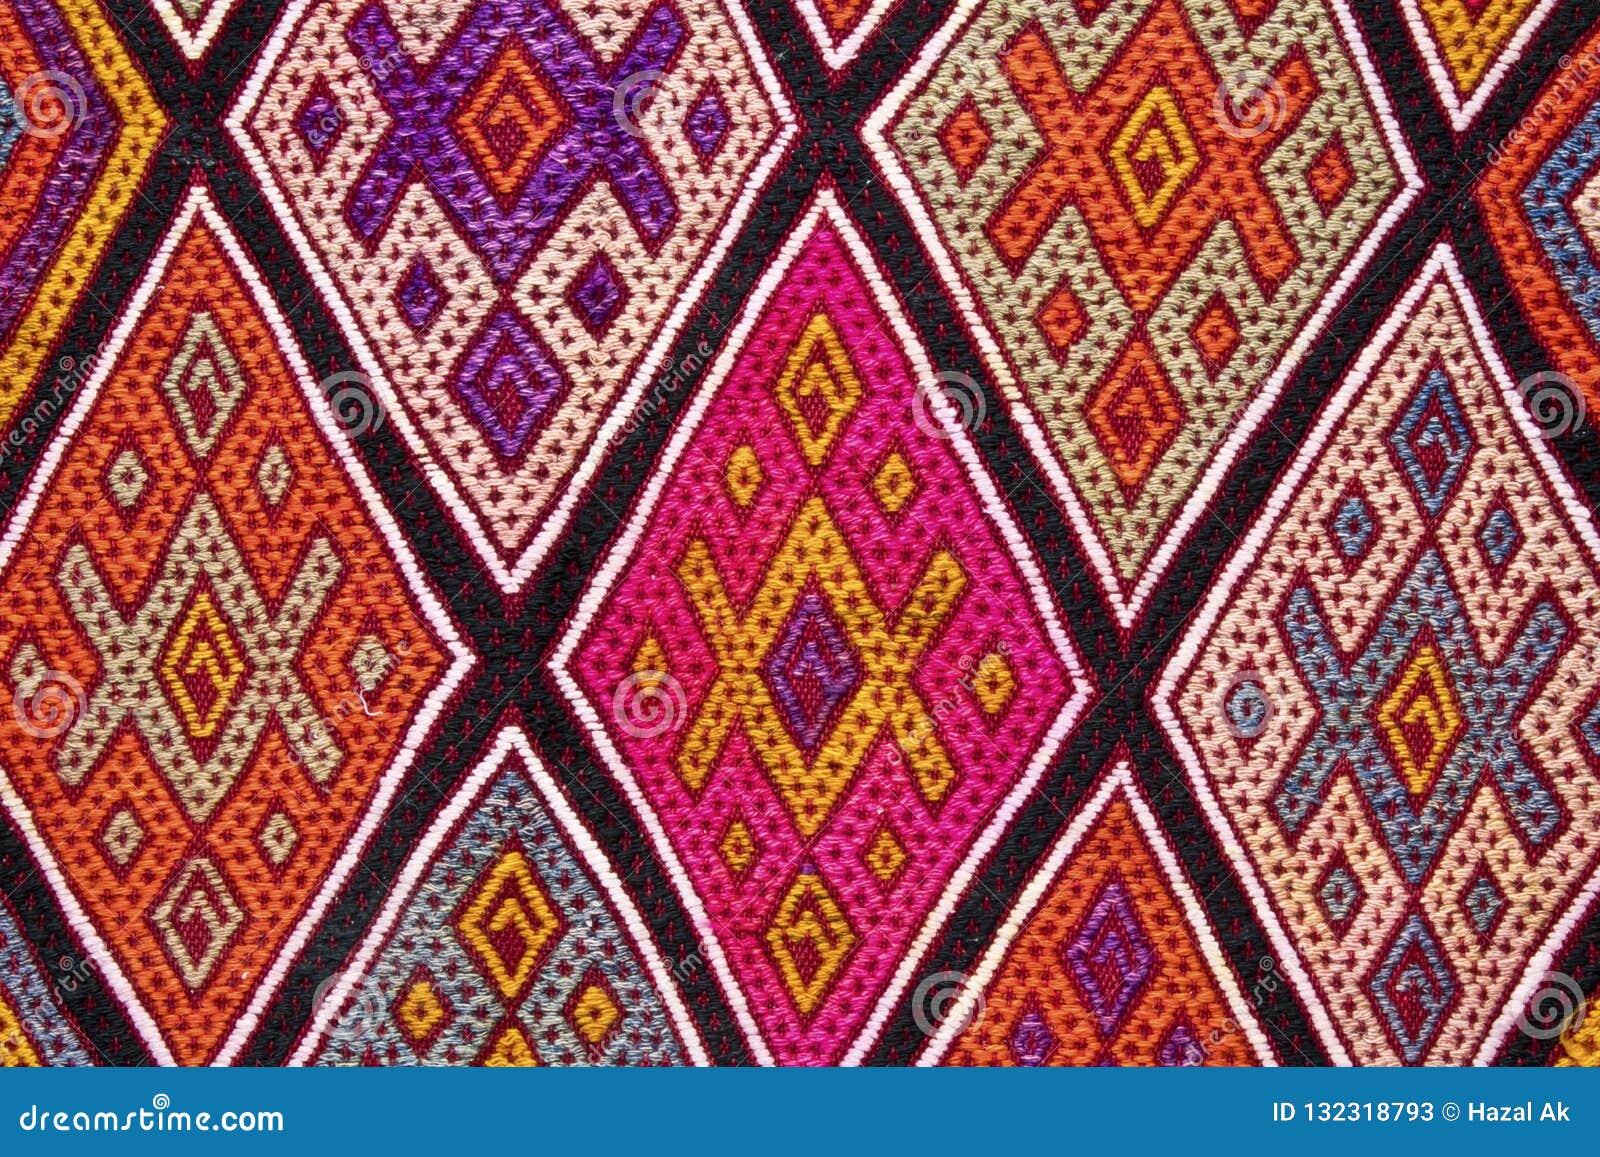 Bunter und kopierter Teppich